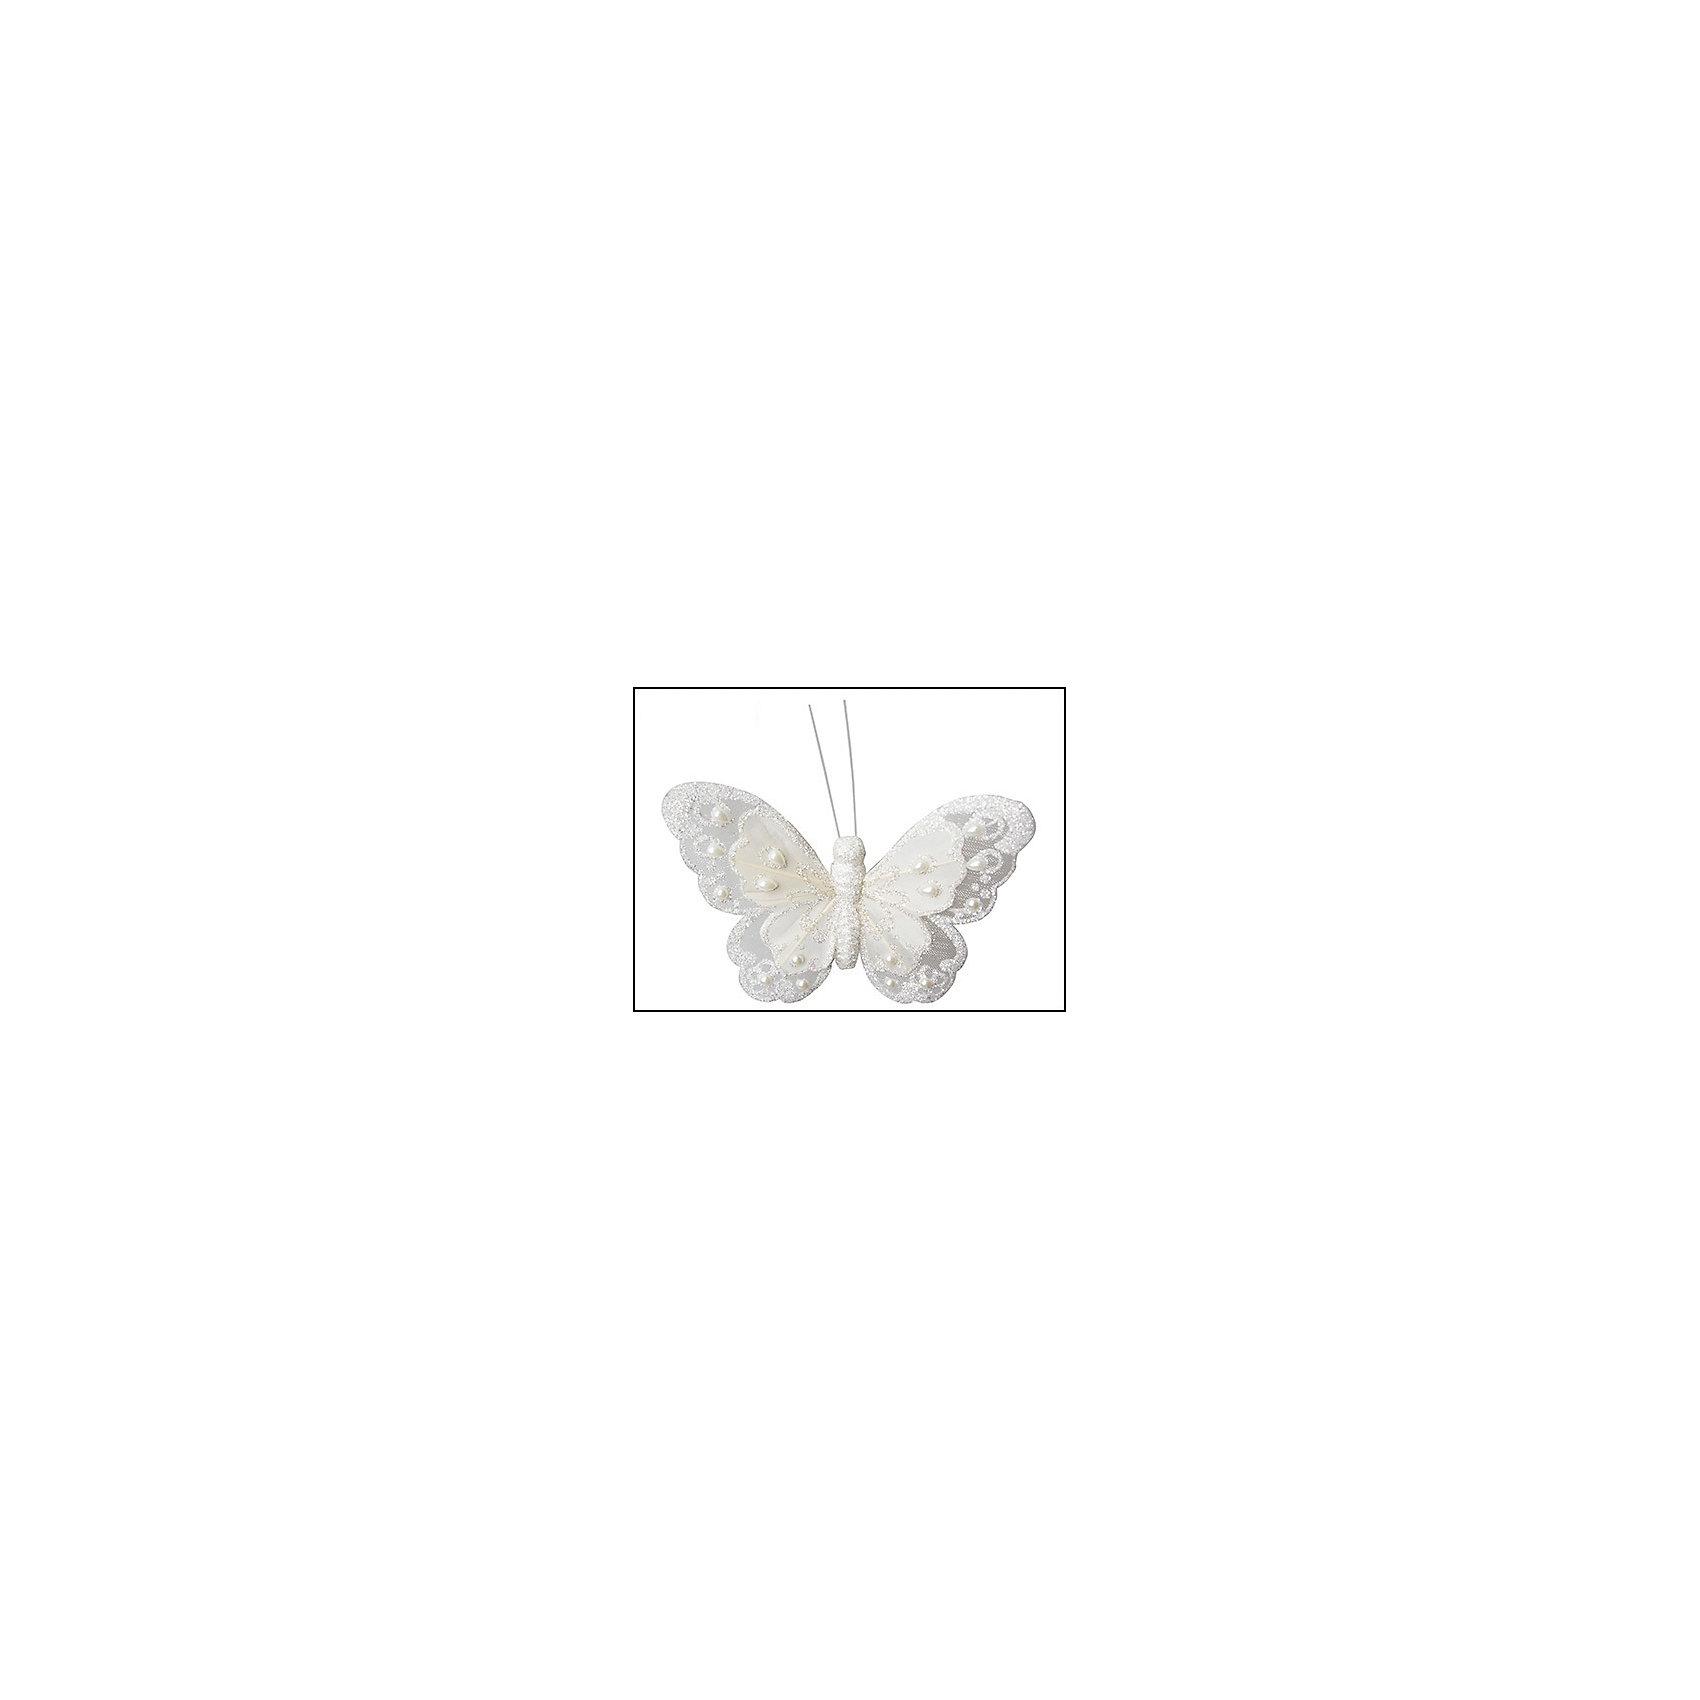 Украшение Бабочка белыйВсё для праздника<br>Изготовлено из пластмассы, полифоума. ёл. укр.Classic White бабочка, 11см, белый<br><br>Ширина мм: 110<br>Глубина мм: 110<br>Высота мм: 20<br>Вес г: 100<br>Возраст от месяцев: 36<br>Возраст до месяцев: 2147483647<br>Пол: Унисекс<br>Возраст: Детский<br>SKU: 5101062